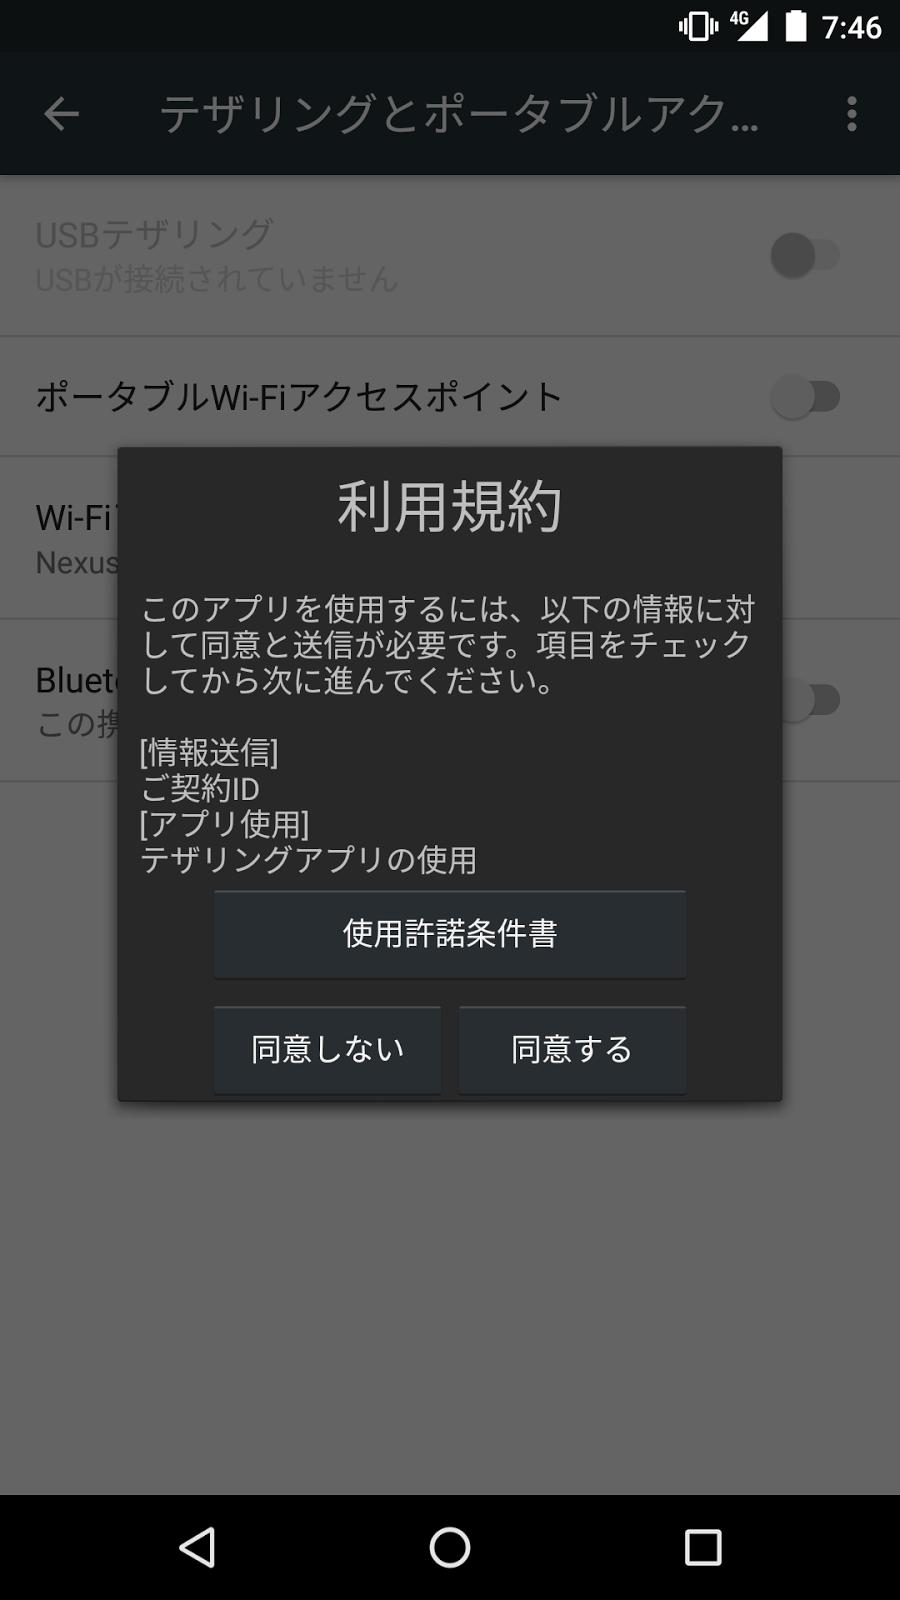 接続 ネットワーク できません に